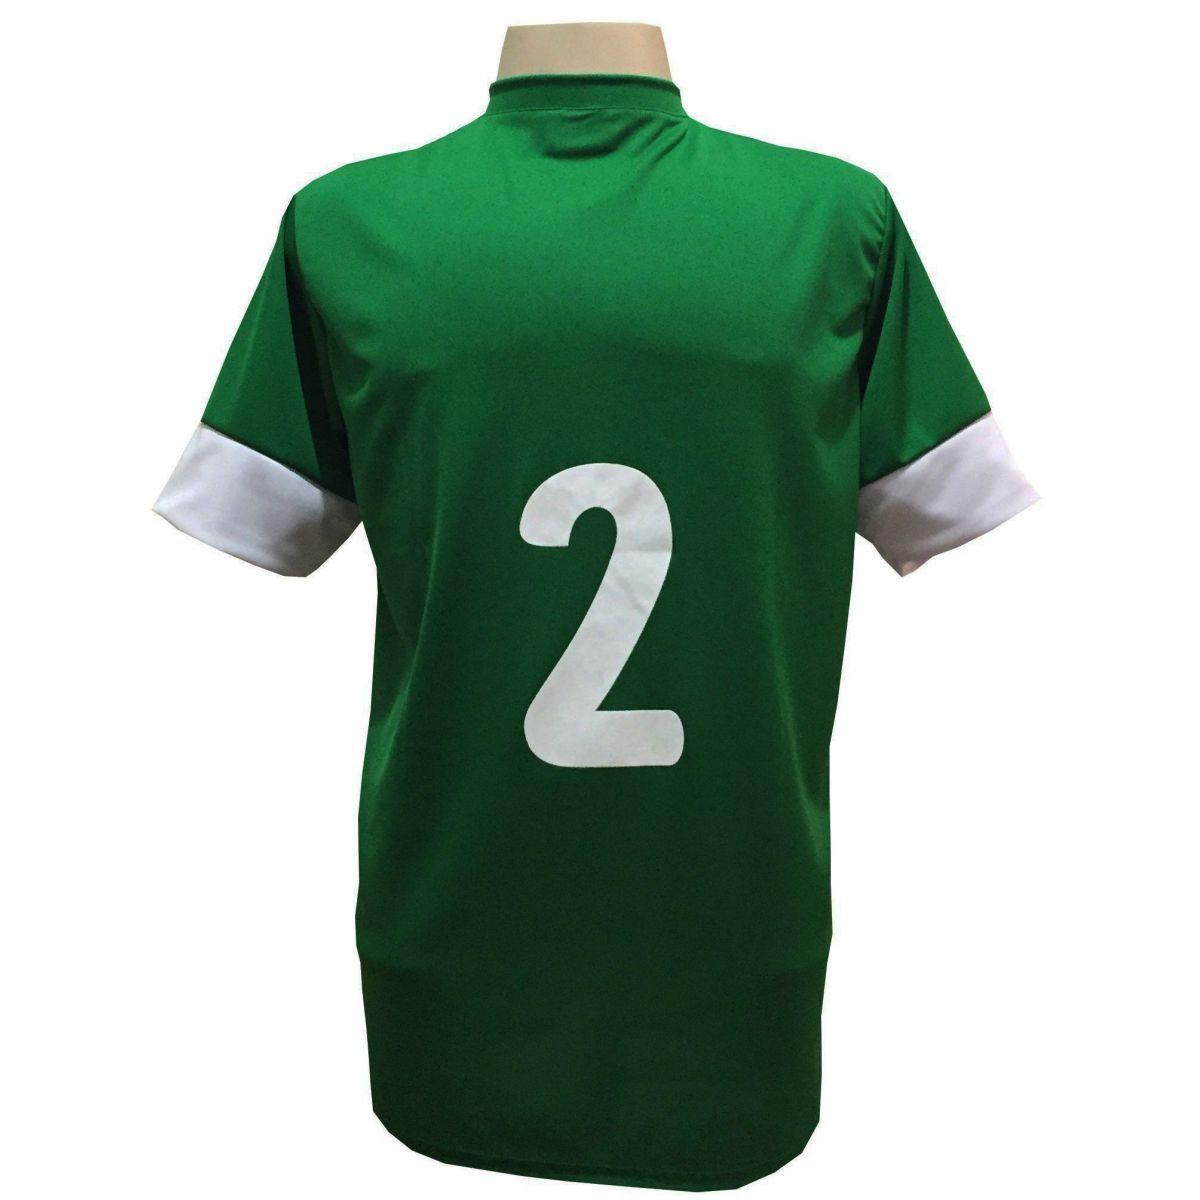 Uniforme Esportivo com 18 camisas modelo Columbus Verde/Branco + 18 calções modelo Madrid + 1 Goleiro + Brindes